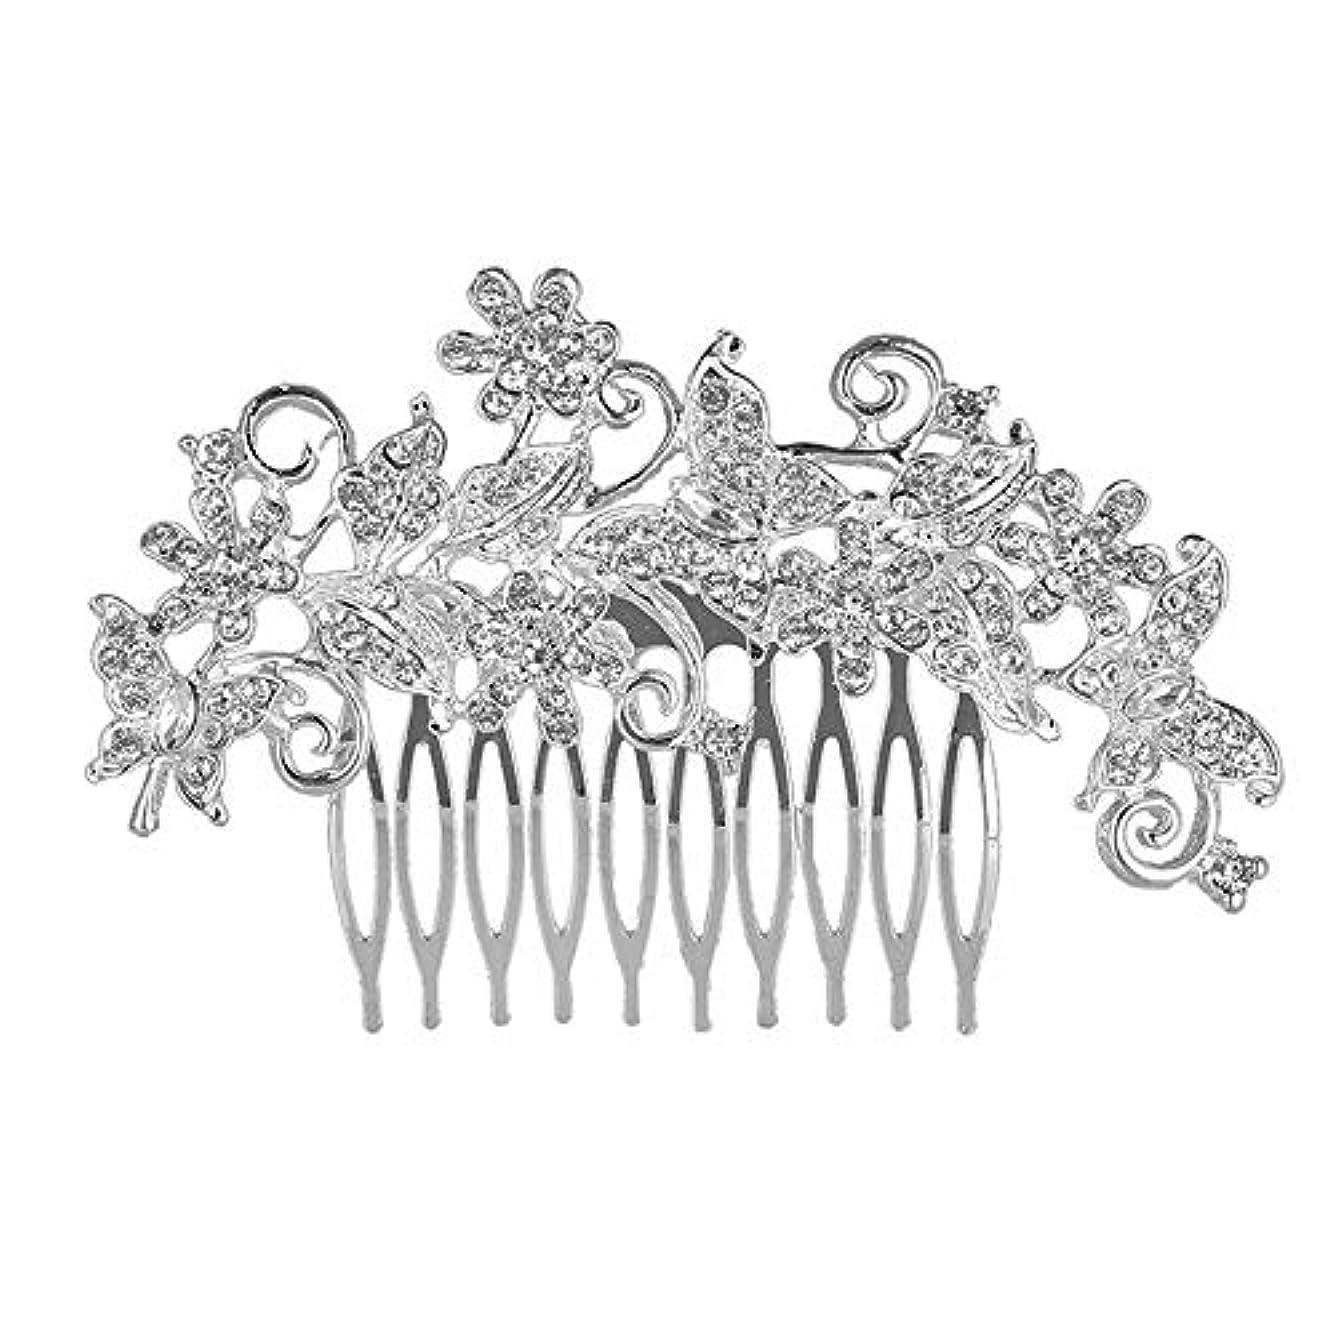 普及悲しいことに落ち着かない韓国のヘアアクセサリー_韓国の花嫁のヘアアクセサリー日の花のヘッドドレスファッションヘアコーム花嫁合金結婚式結婚式卸売